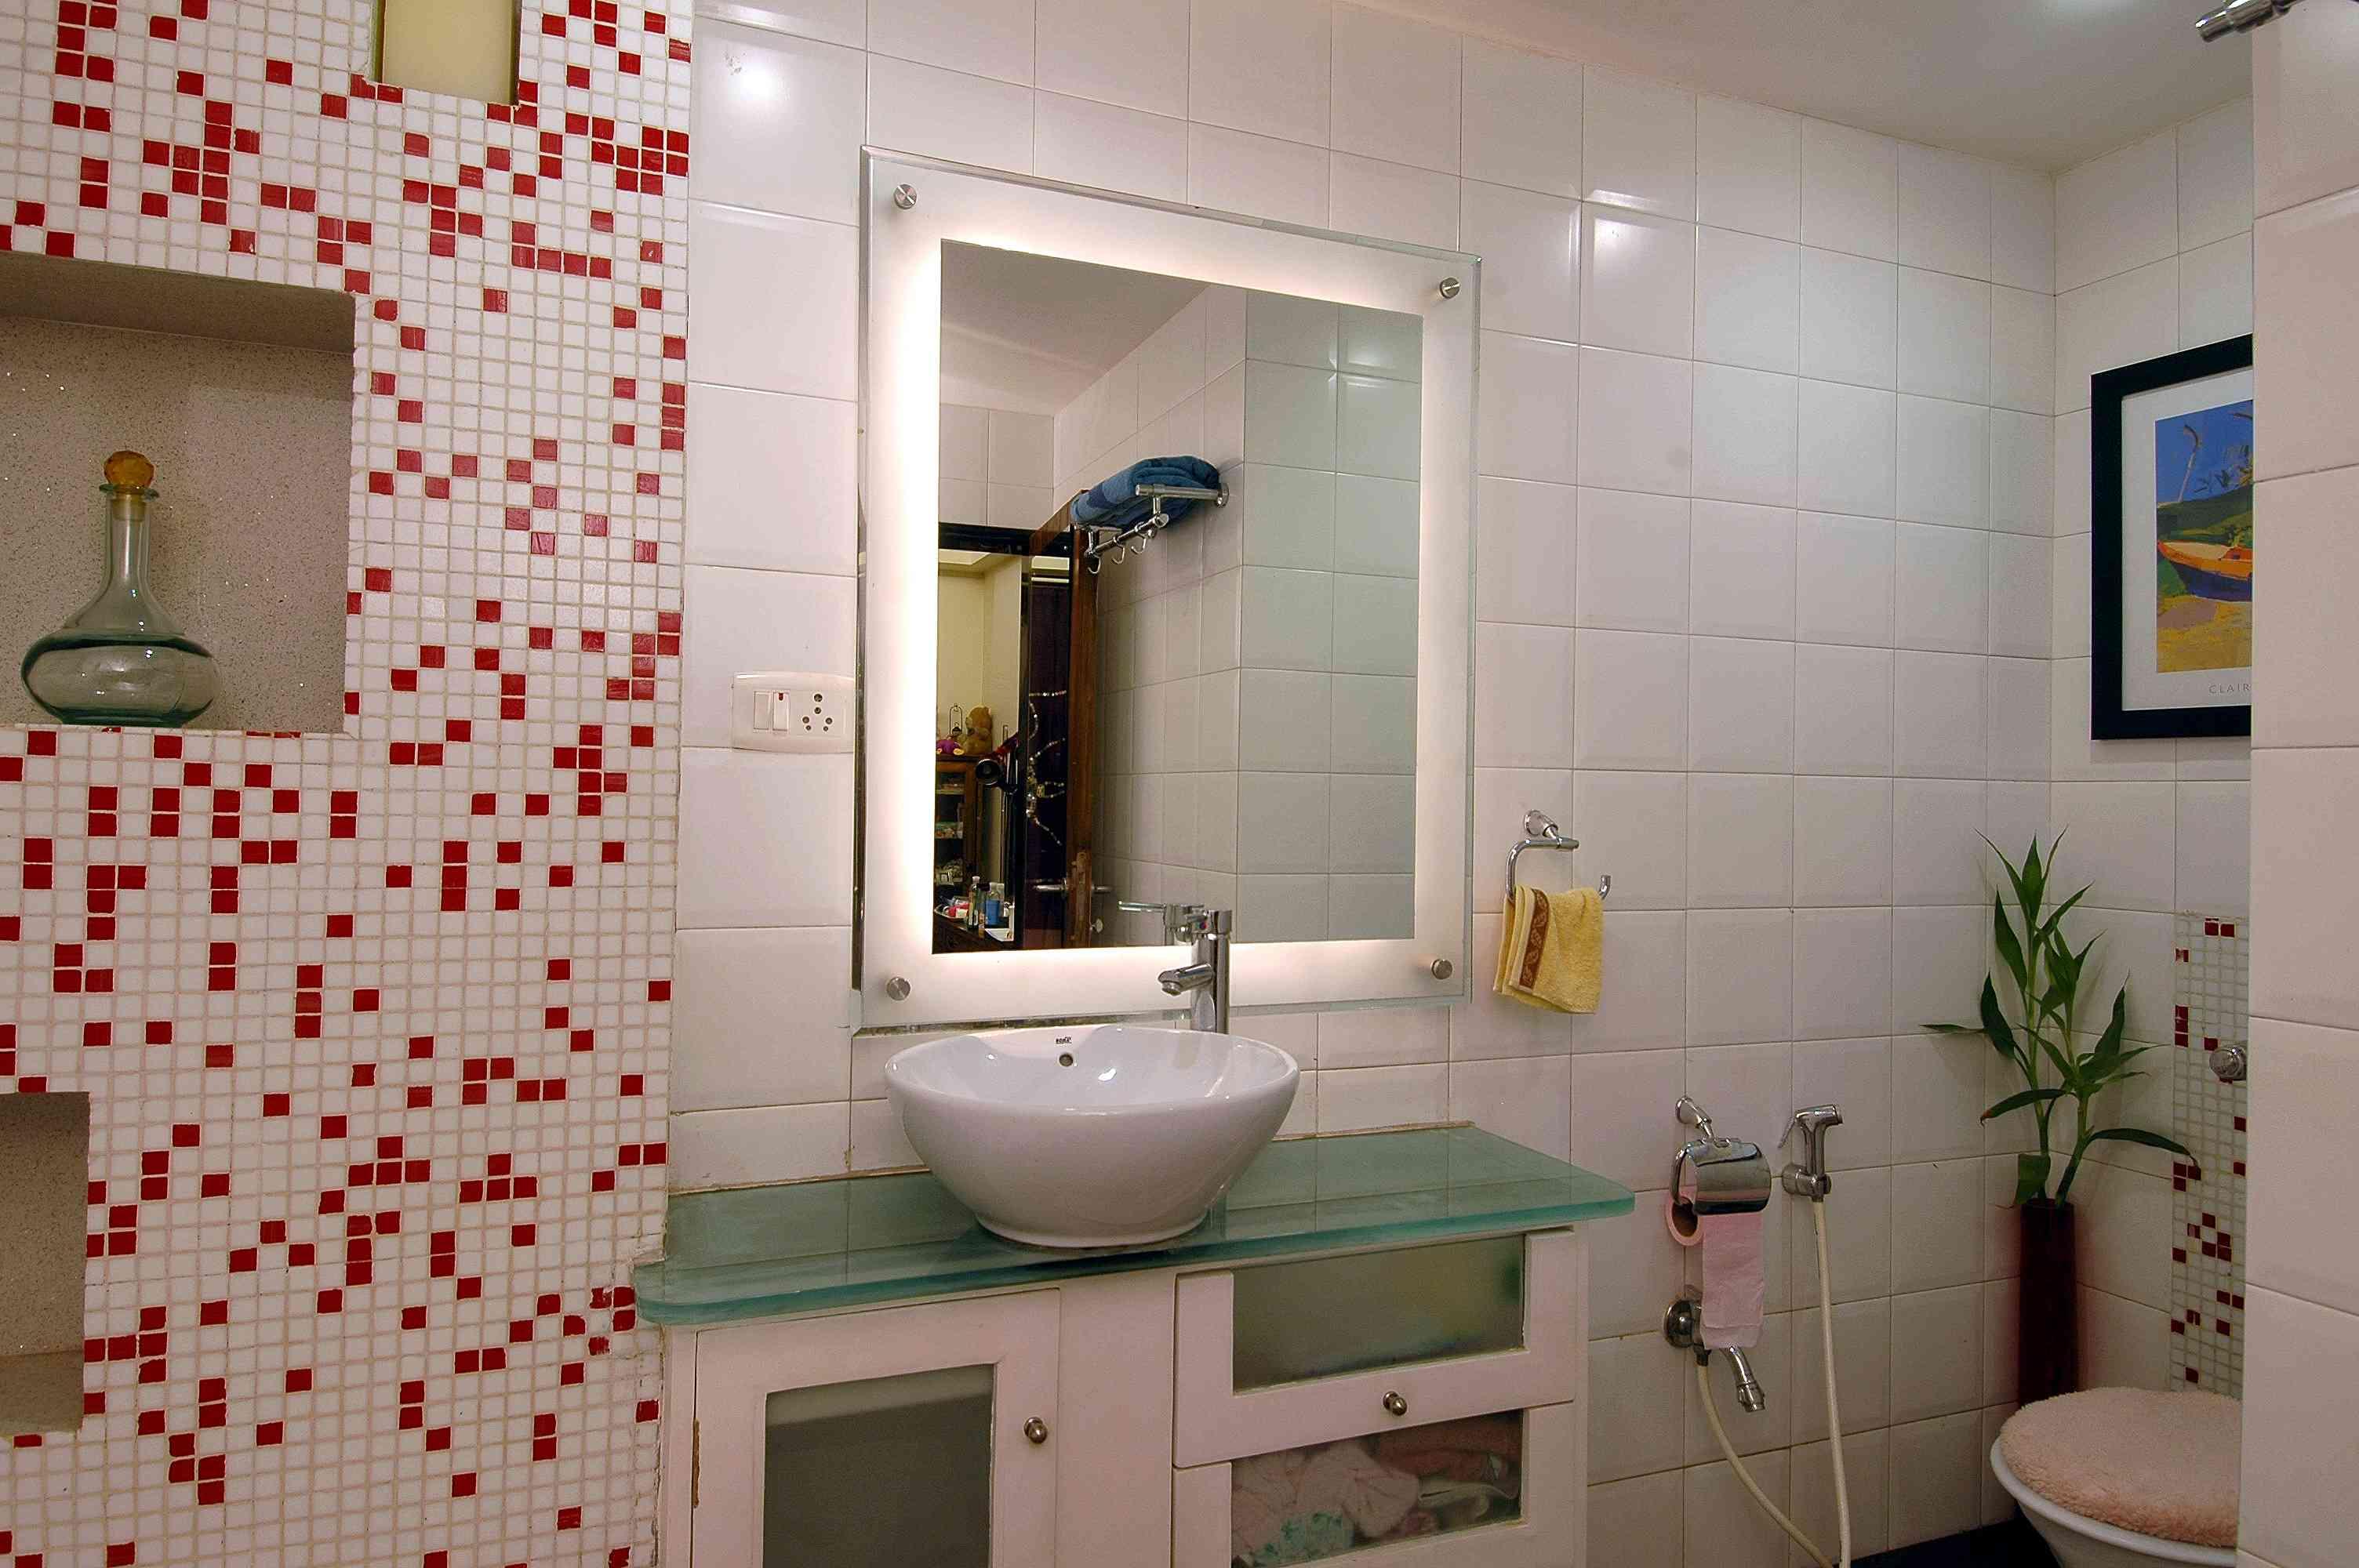 Bathroom Interior Designs for Home